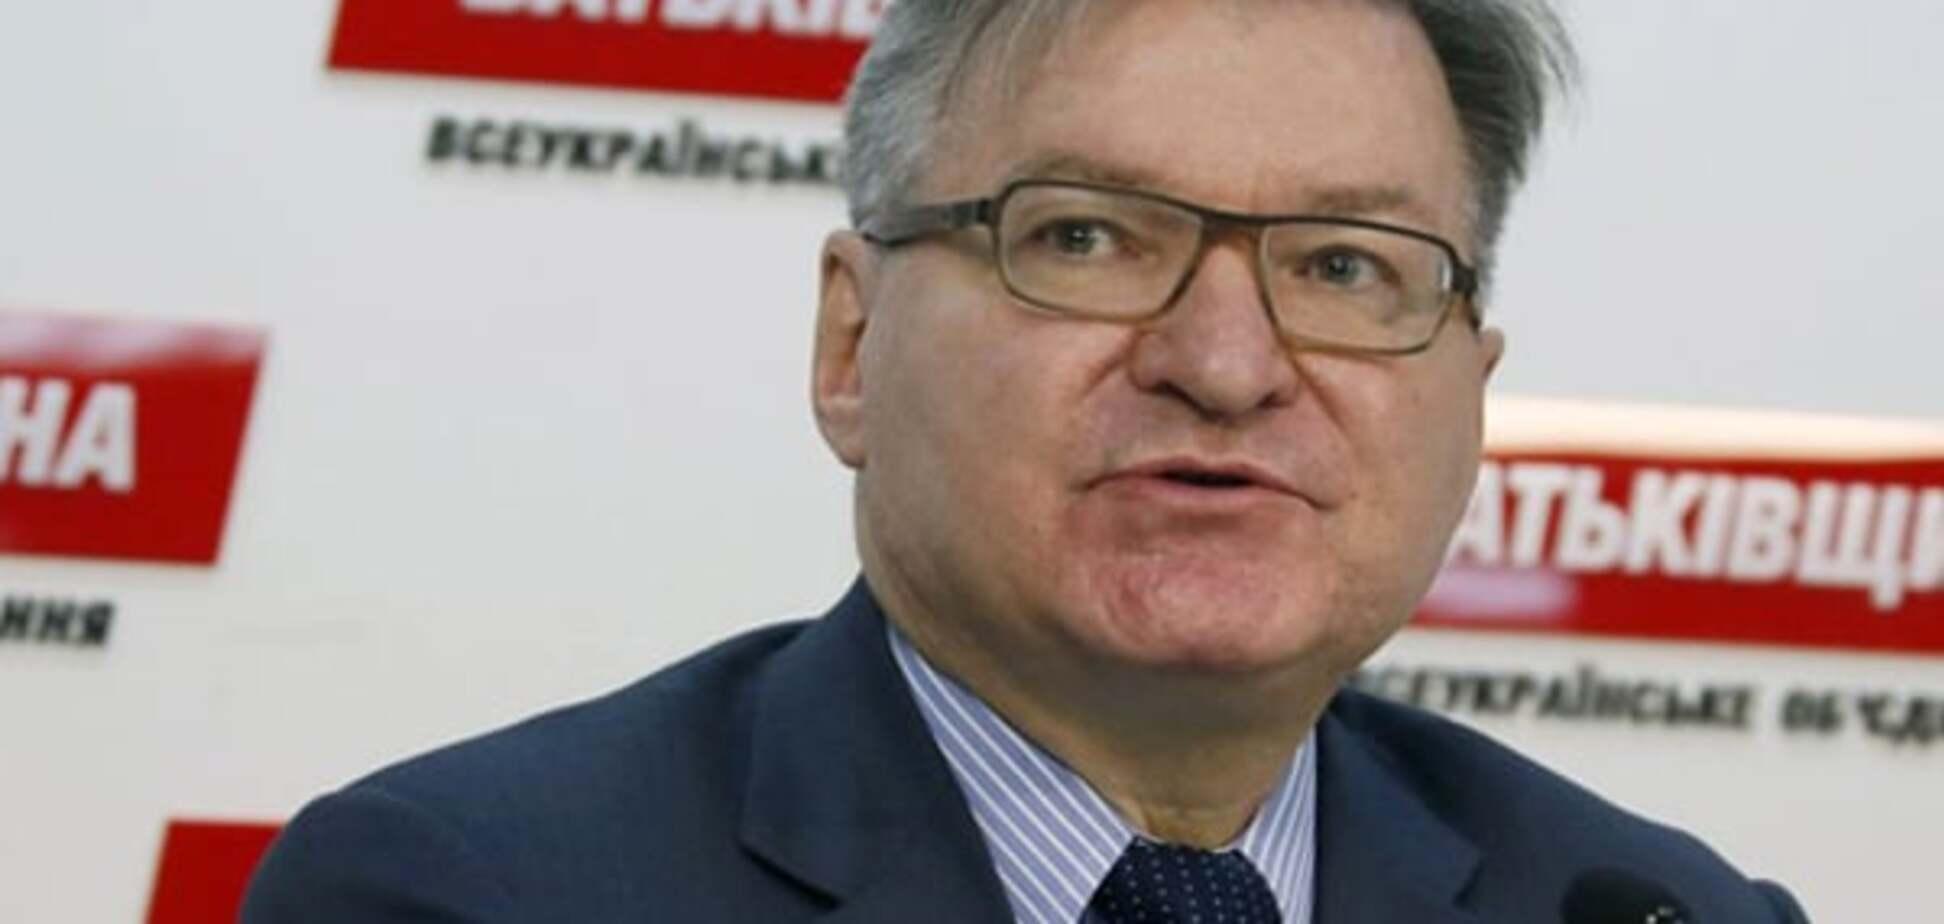 Стало известно, когда ЕС примет решение по либерализации визового режима с Украиной